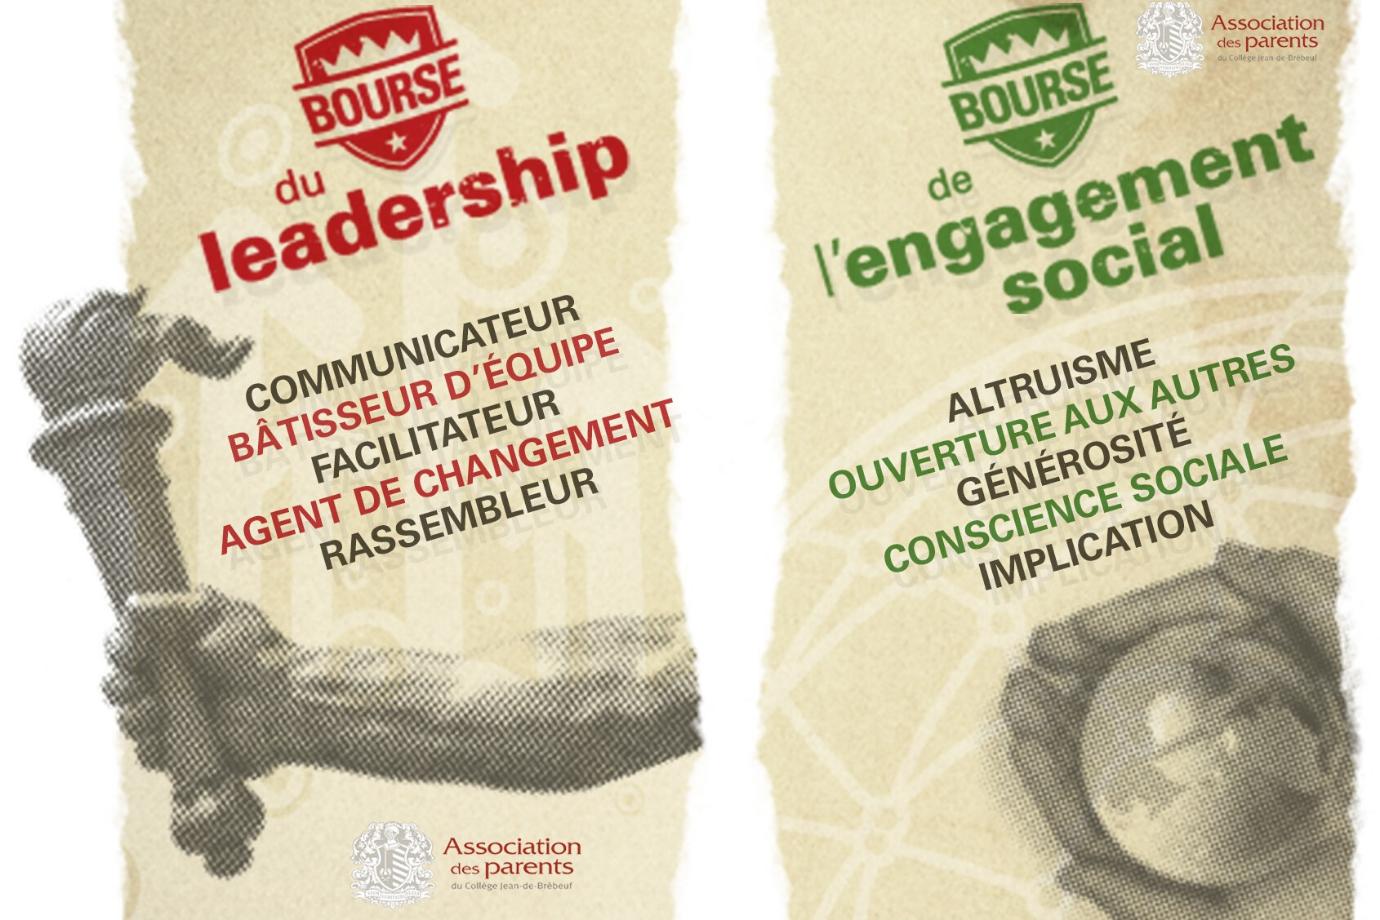 laureats-2020-secondaire-bourses-leadership-engagement-social